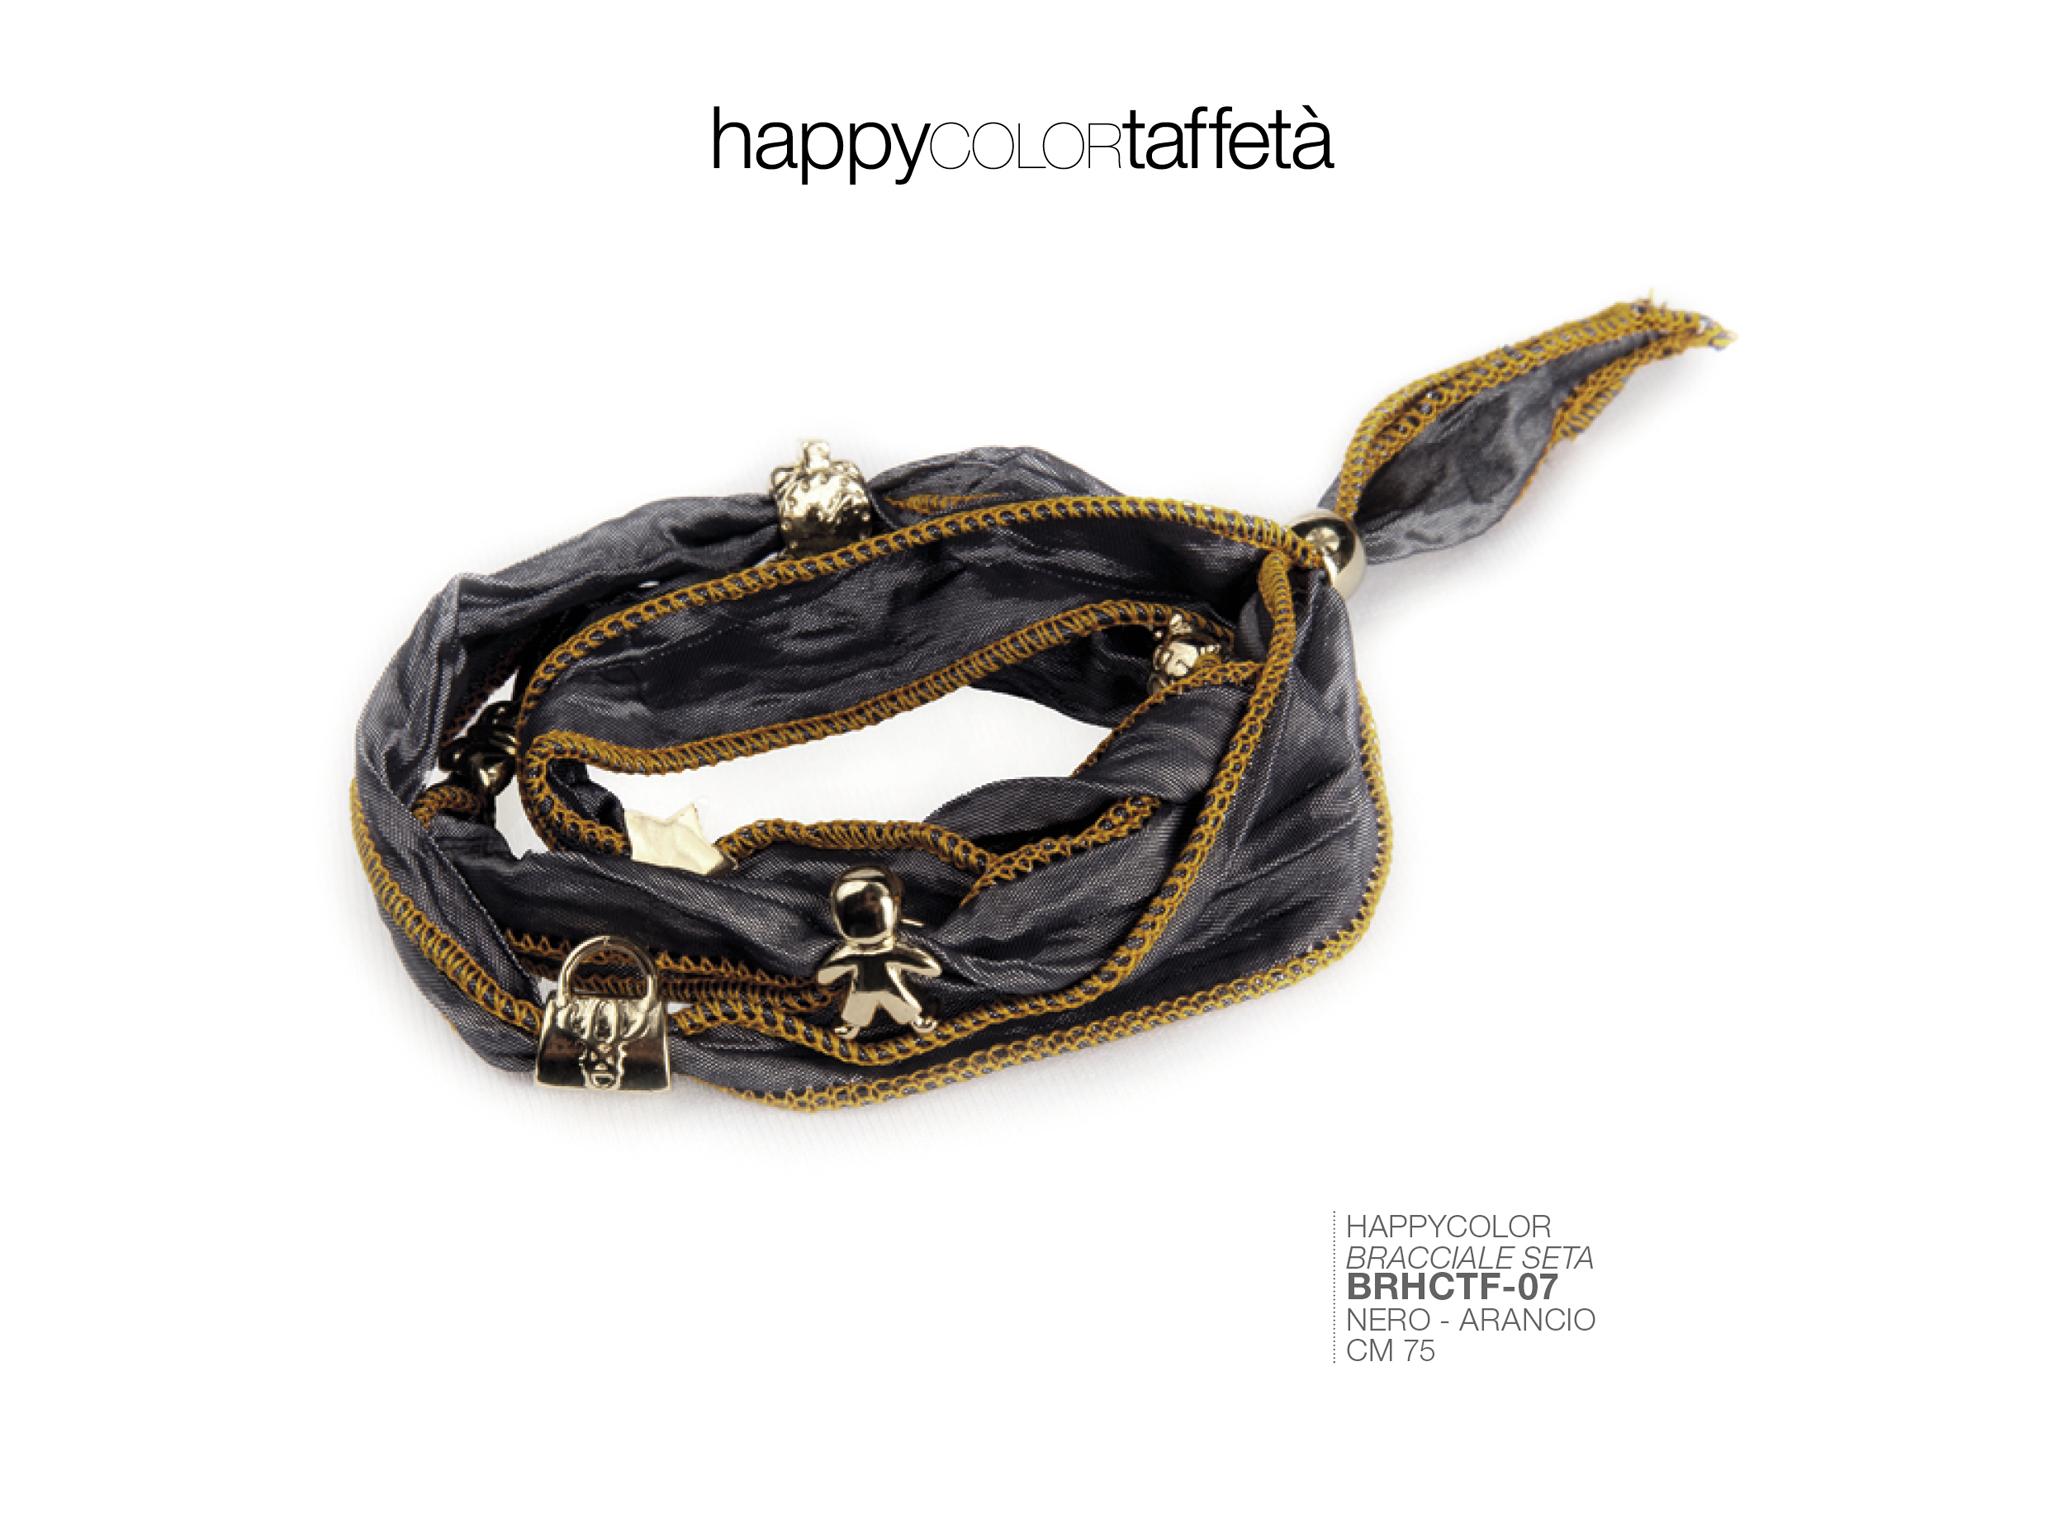 happycolor_taffeta_pagina_8_app